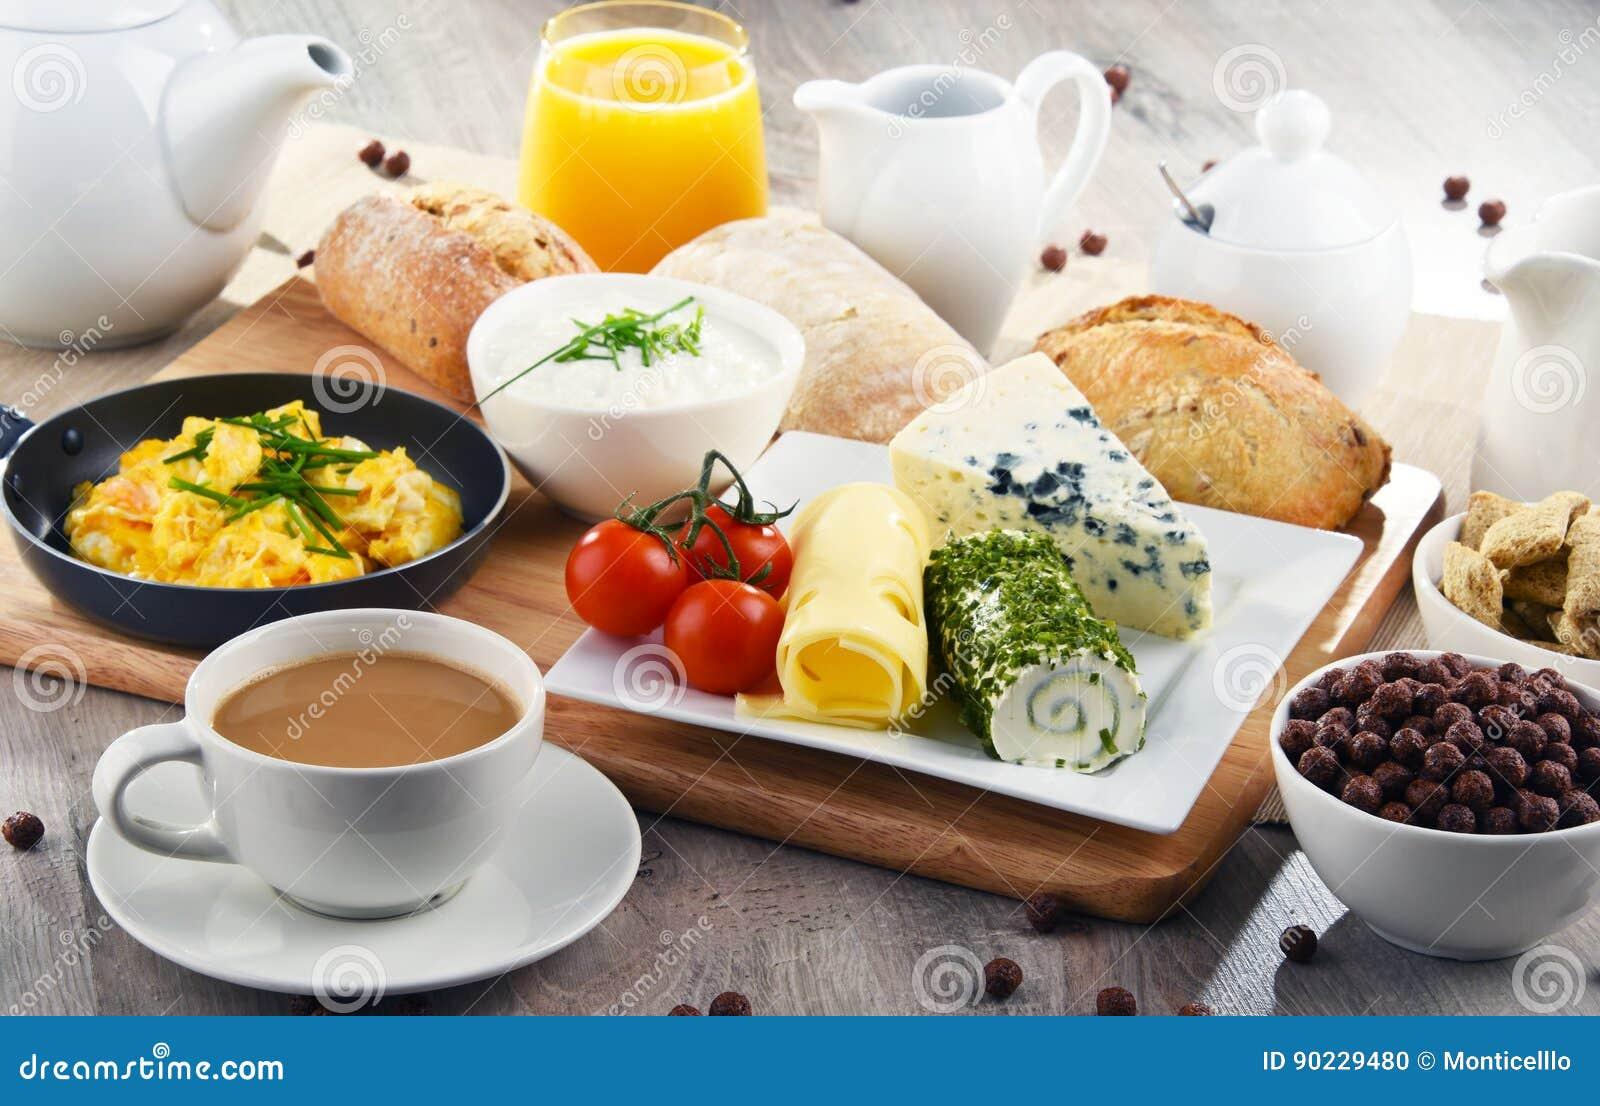 Frühstück diente mit Kaffee, Käse, Getreide und durcheinandergemischten Eiern